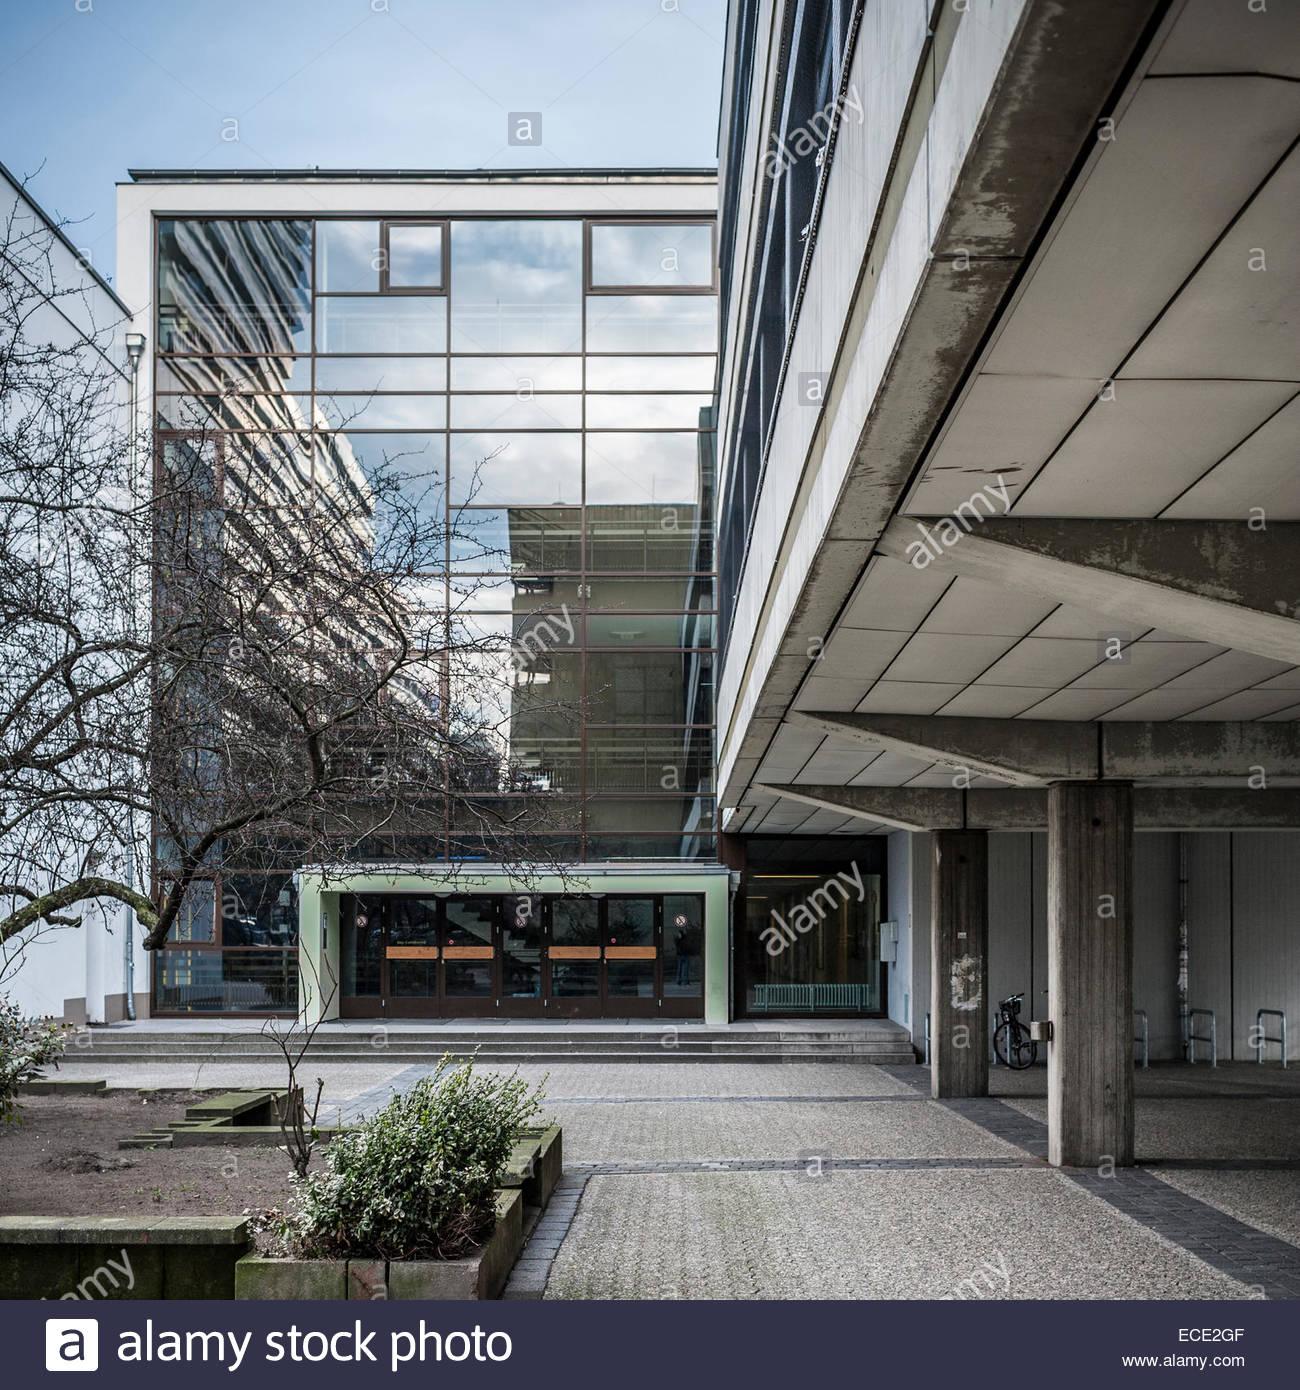 Entrance Modern Concrete Glass Facade Building Stock Photo